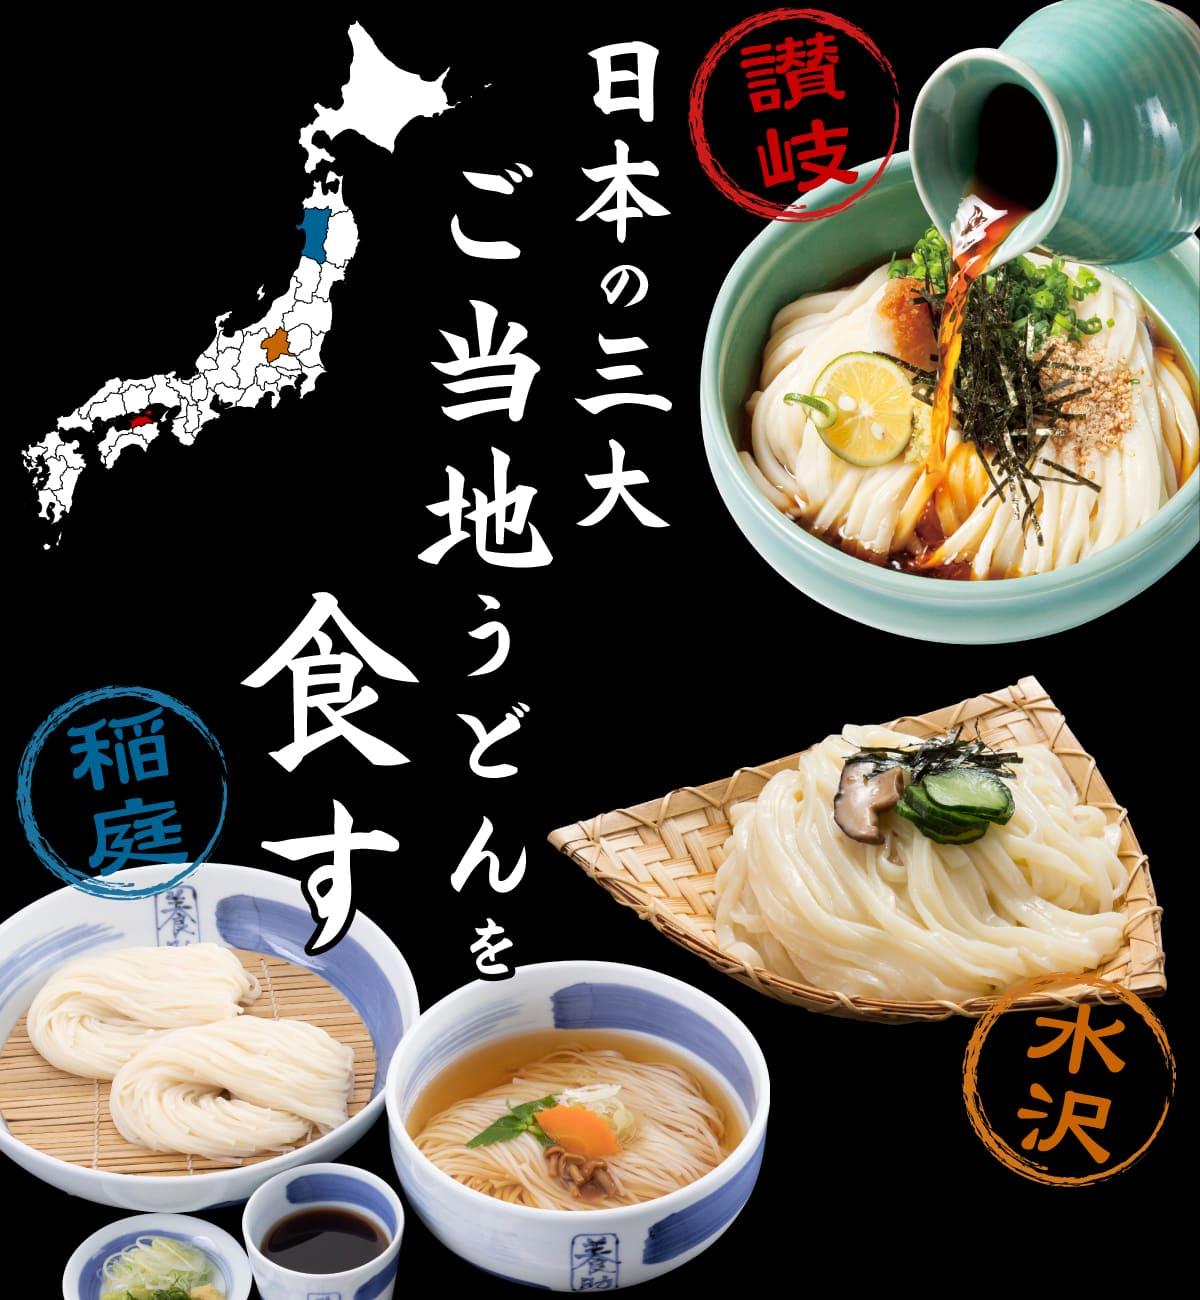 日本三大うどん、讃岐、稲庭、水沢